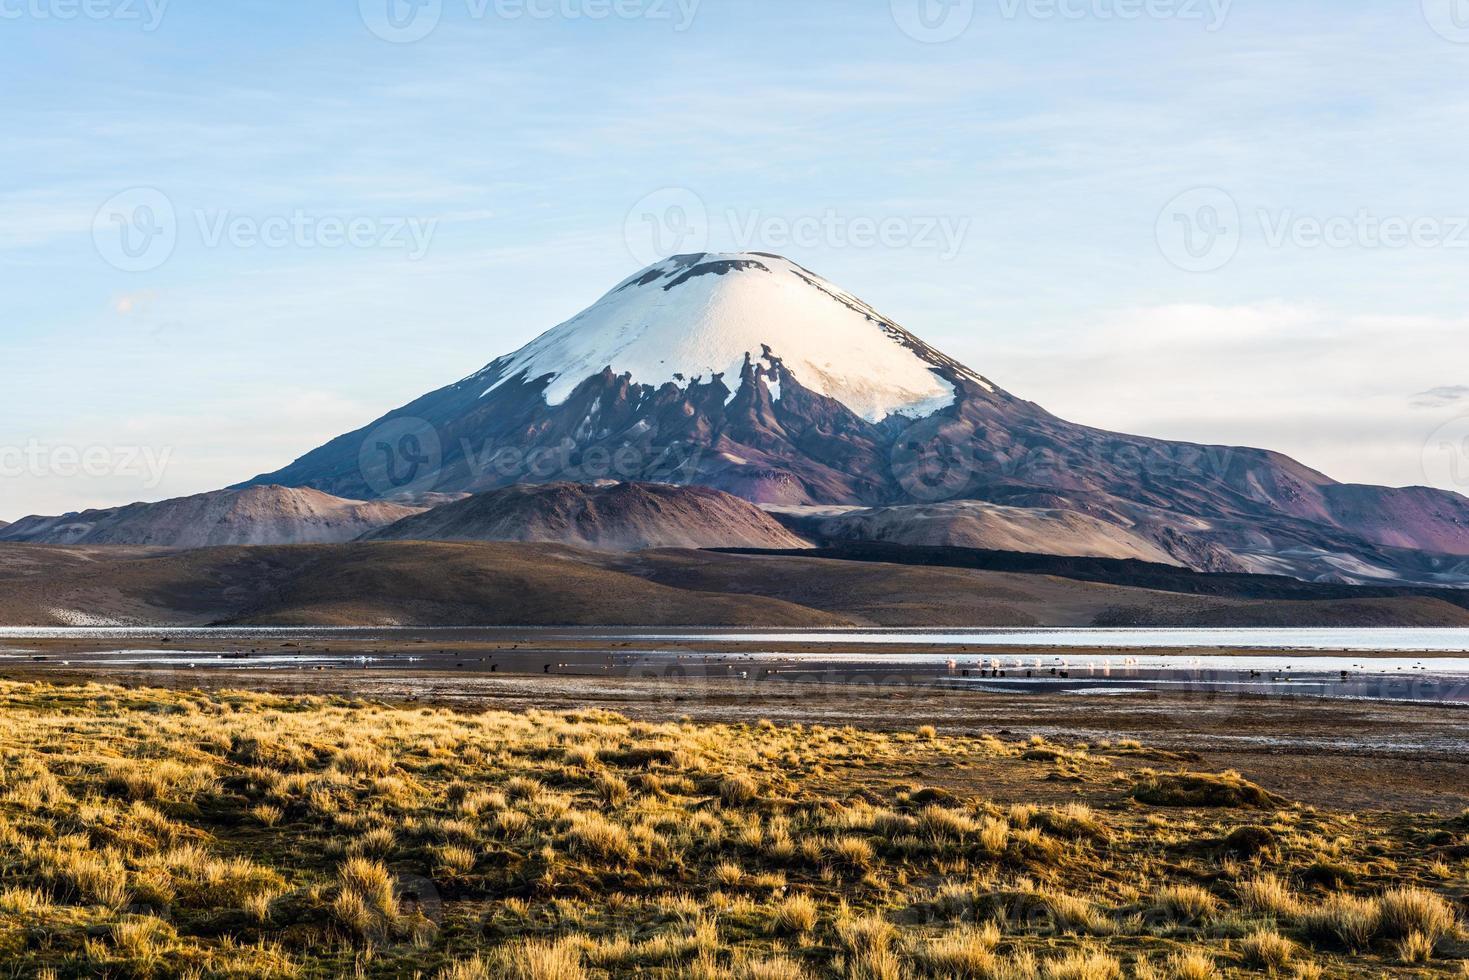 volcan parinacota, lac chungara, chili photo